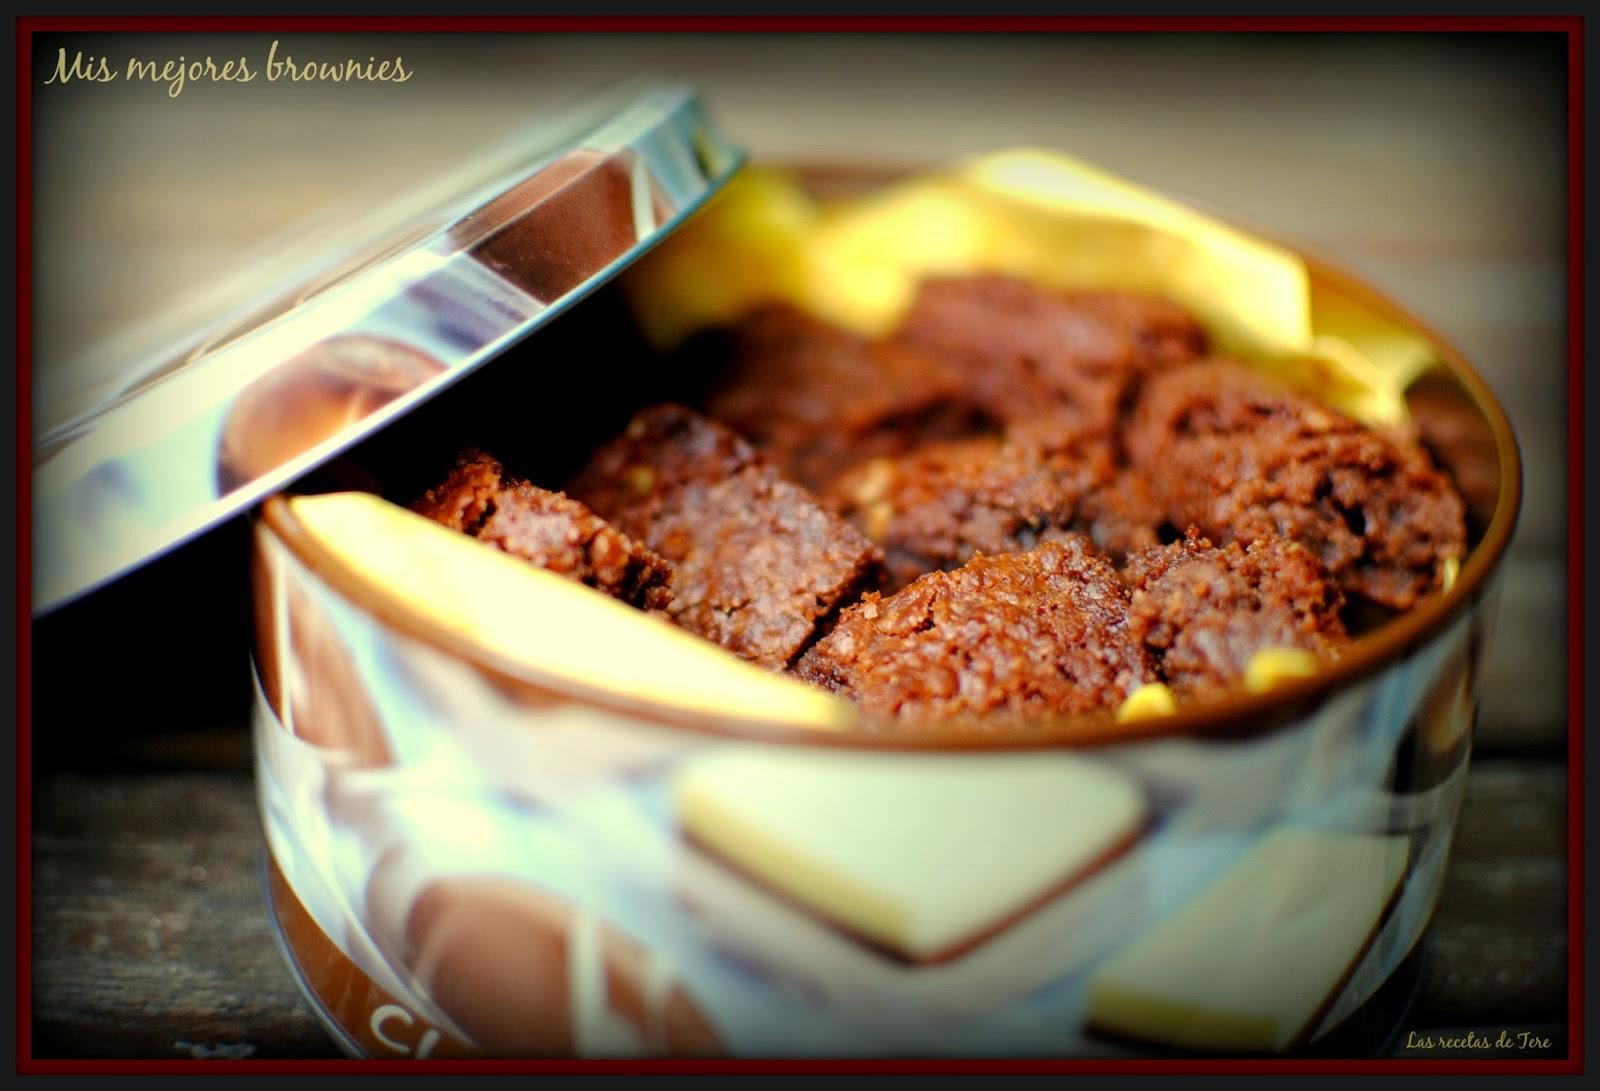 mis mejores brownies 07